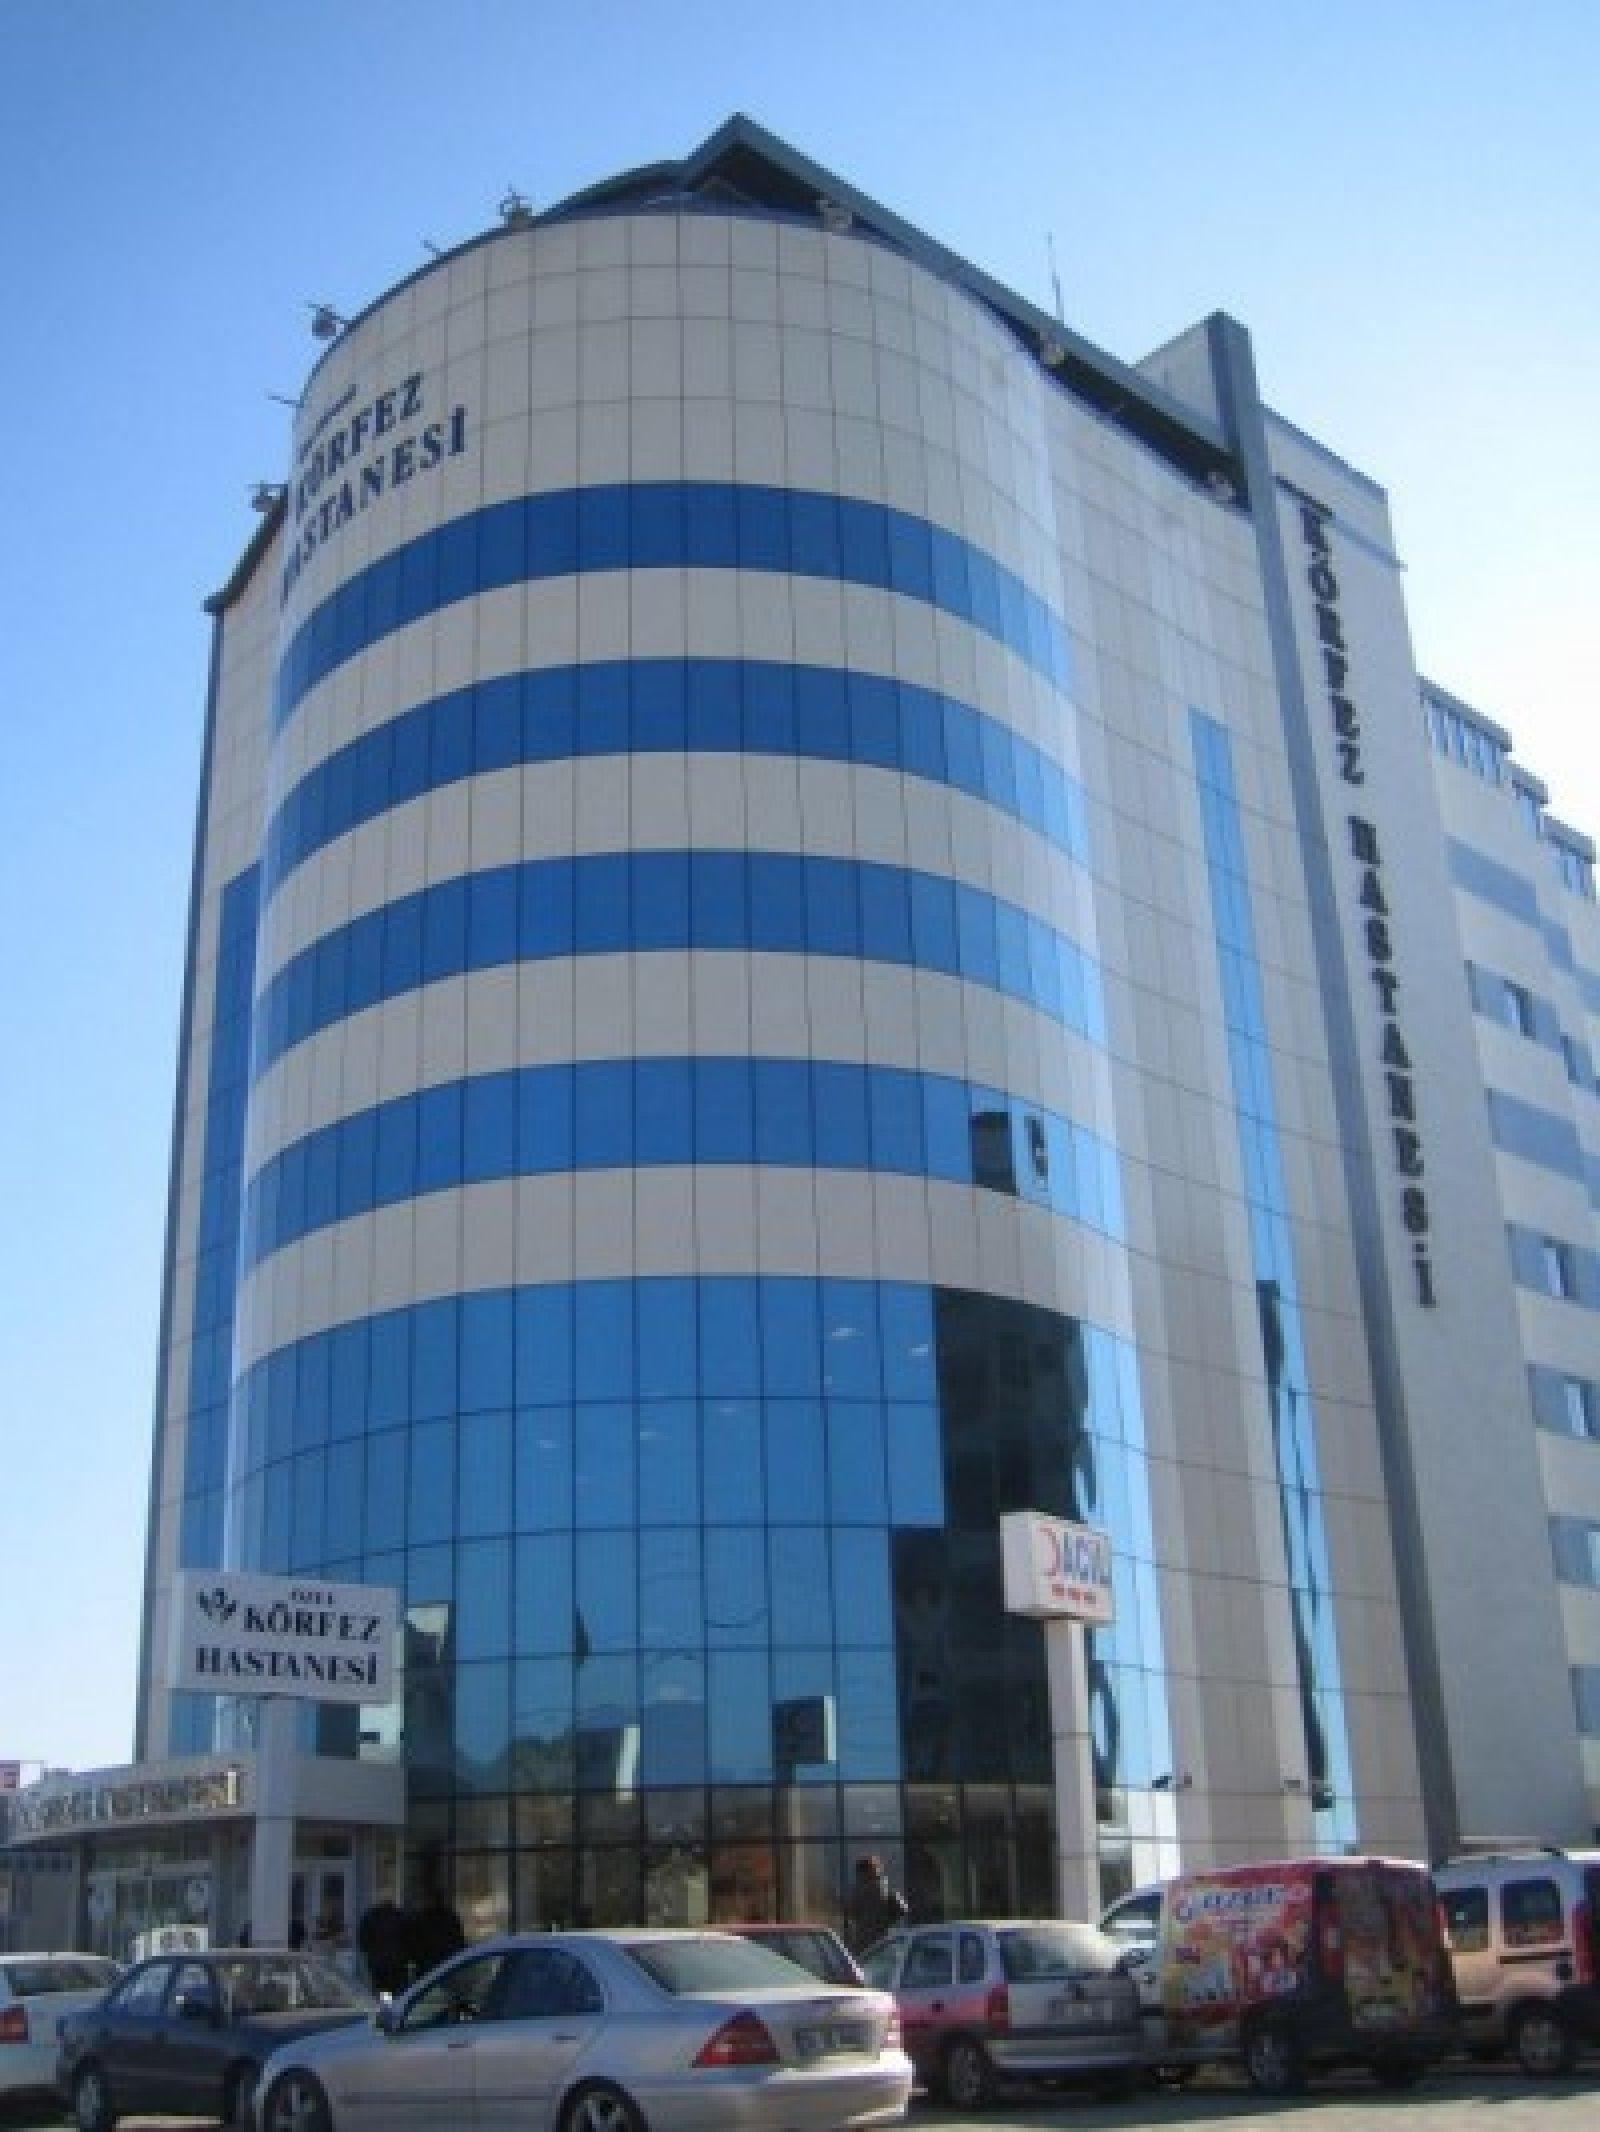 Edremit Körfez Hastanesi